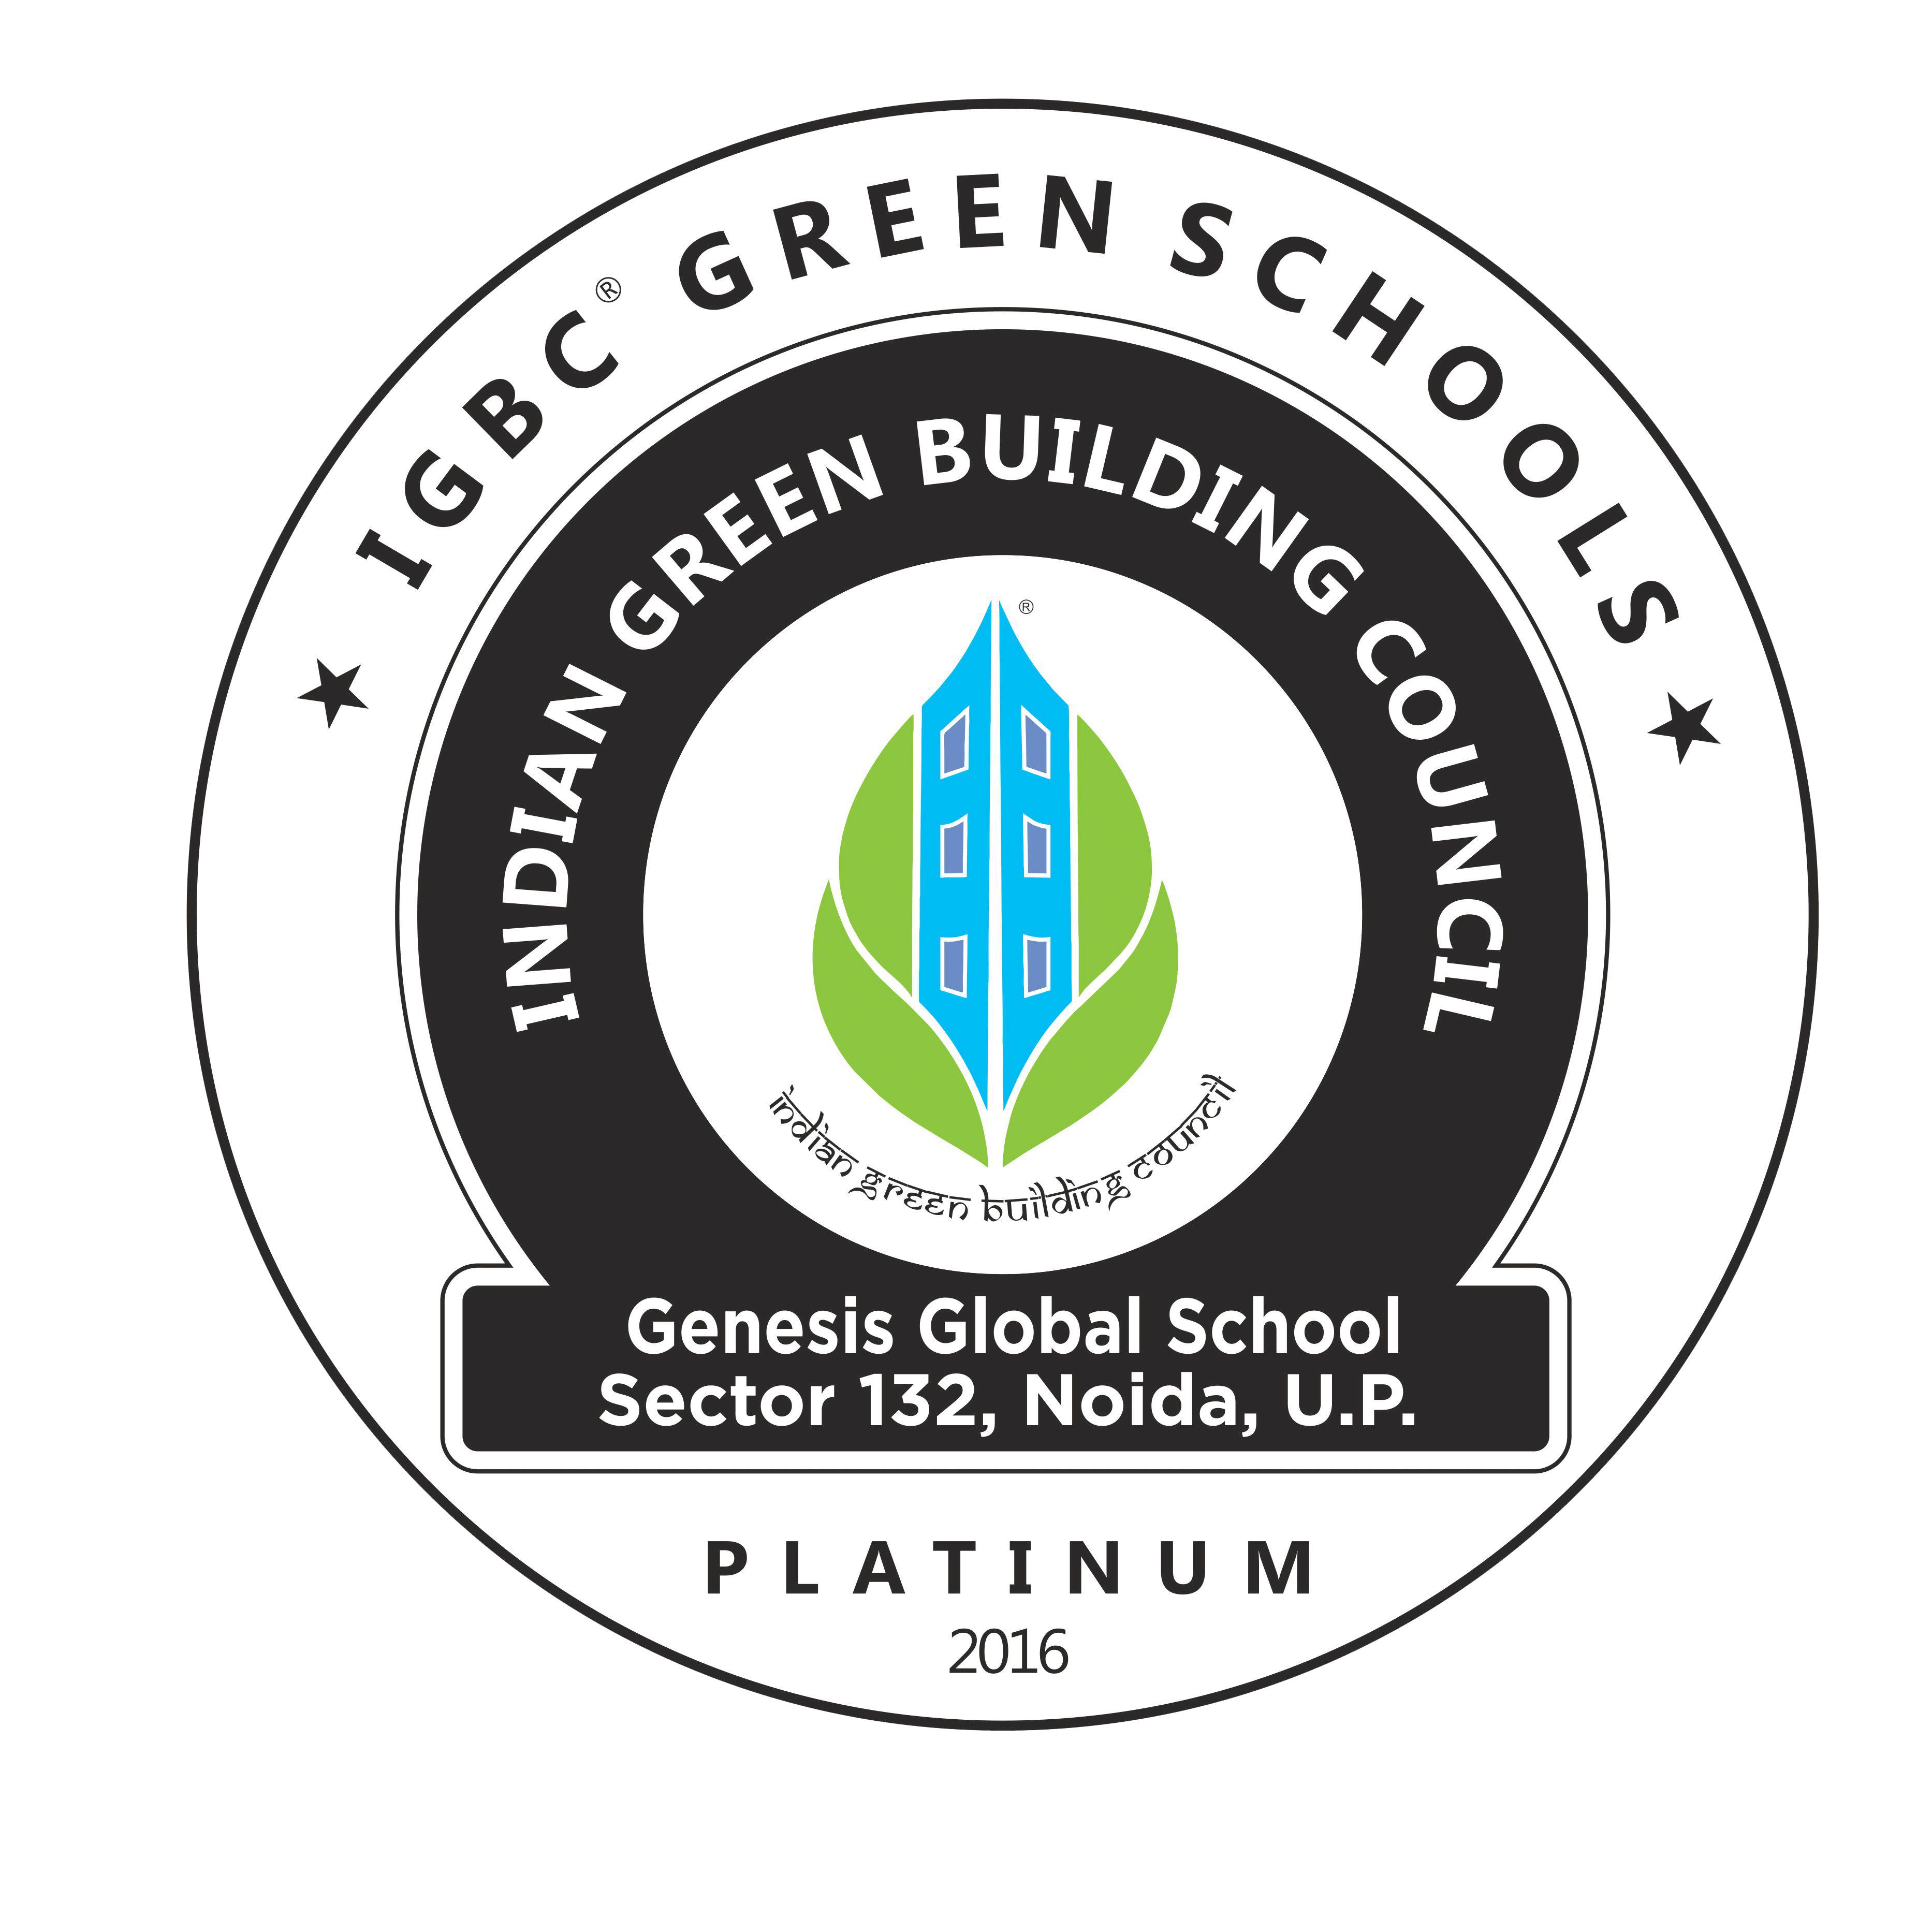 Platinum shield - Genesis Global School